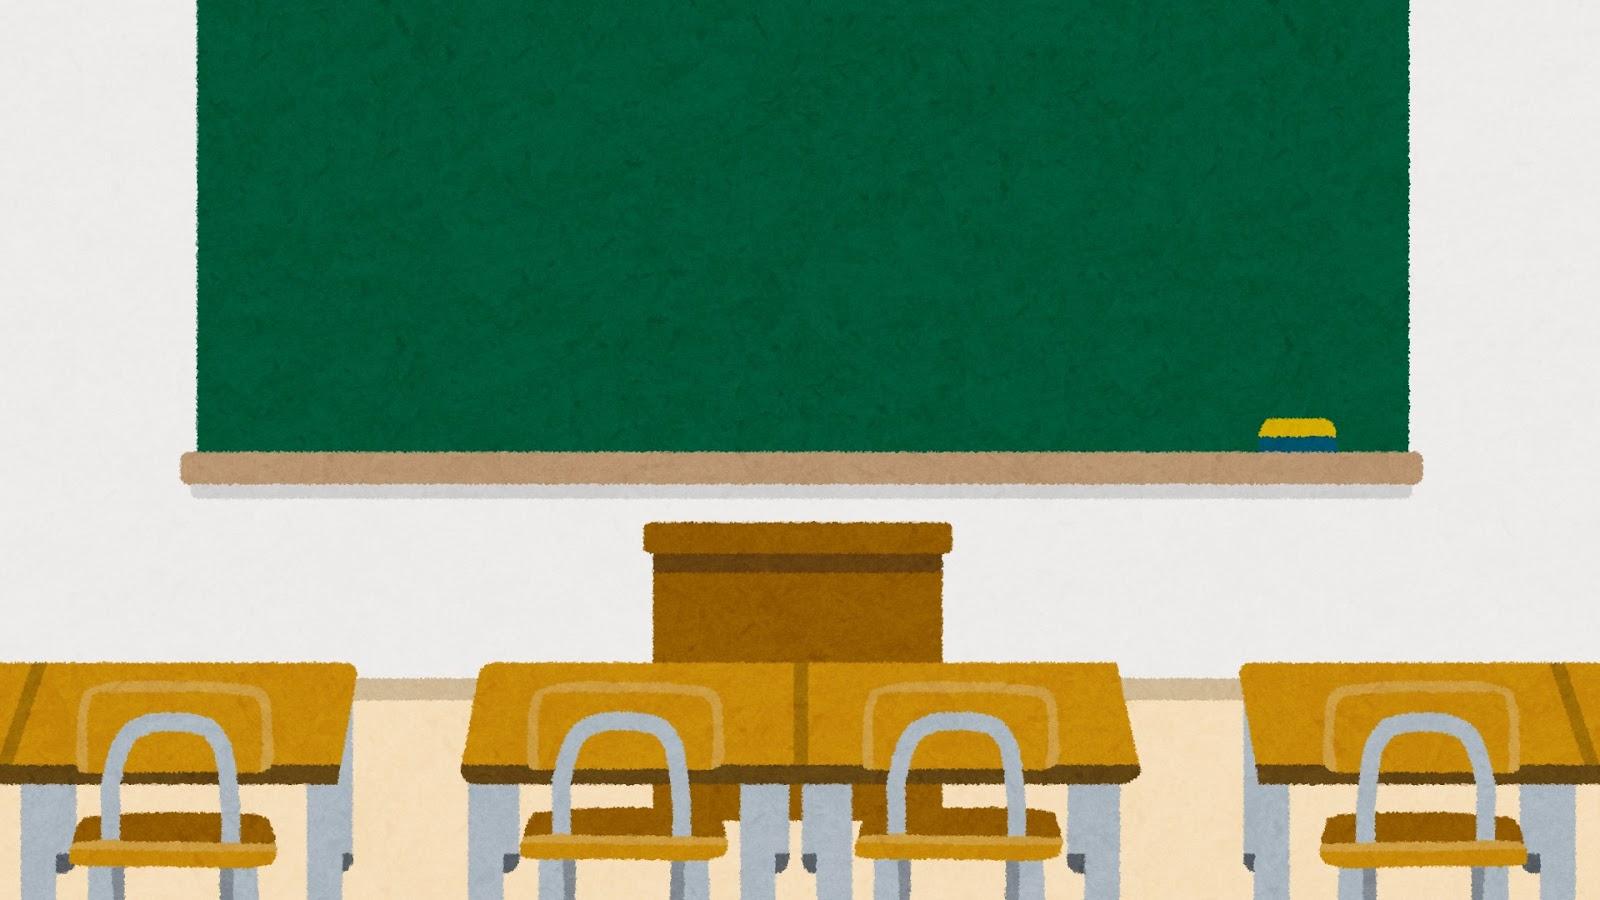 学校の教室のイラスト(背景素材) | かわいいフリー素材集 いらすとや